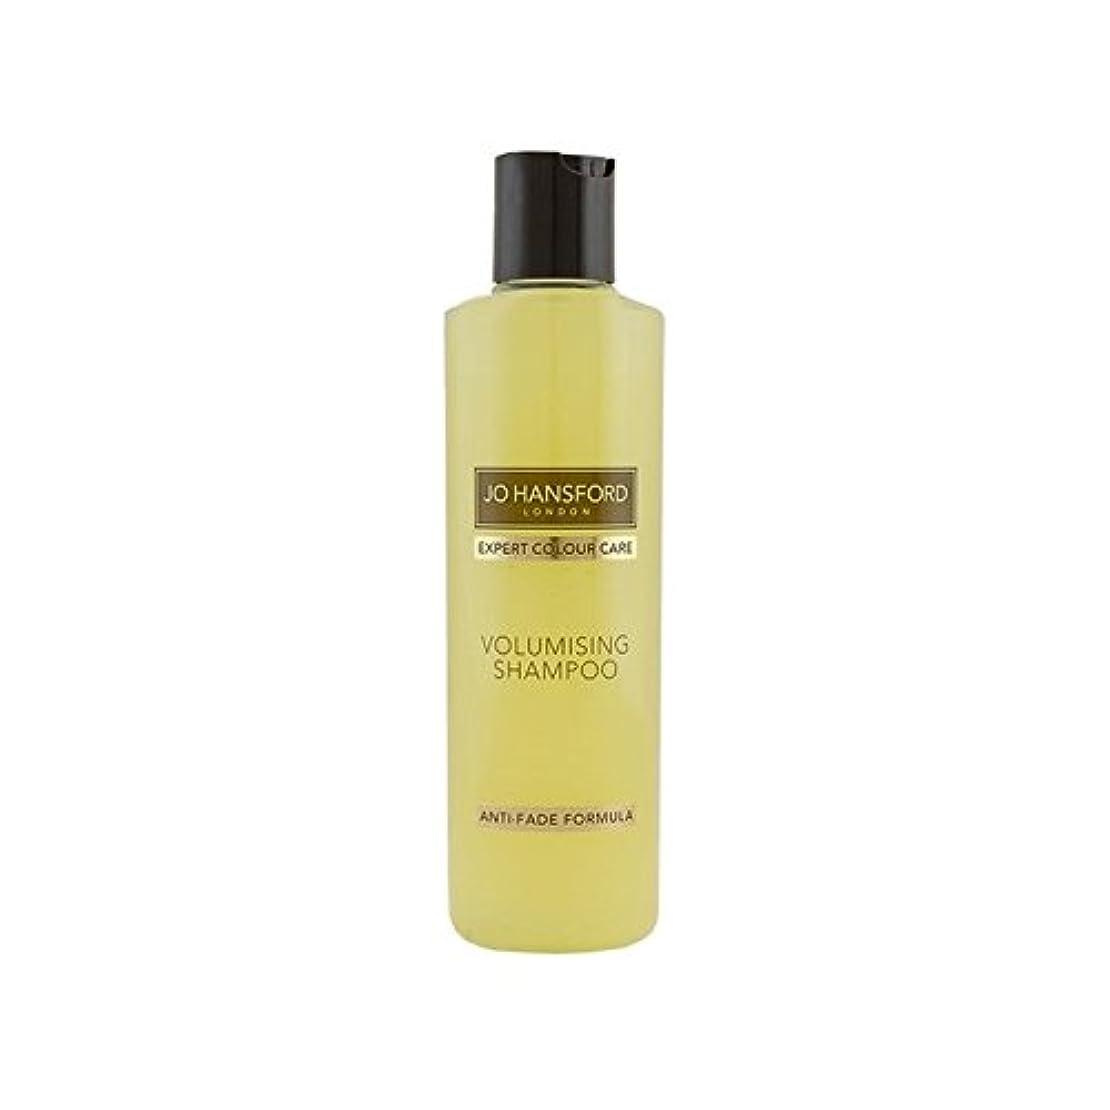 サスティーンねじれ消費Jo Hansford Volumising Shampoo (250ml) (Pack of 6) - ジョー?ハンスフォード シャンプー(250ミリリットル) x6 [並行輸入品]